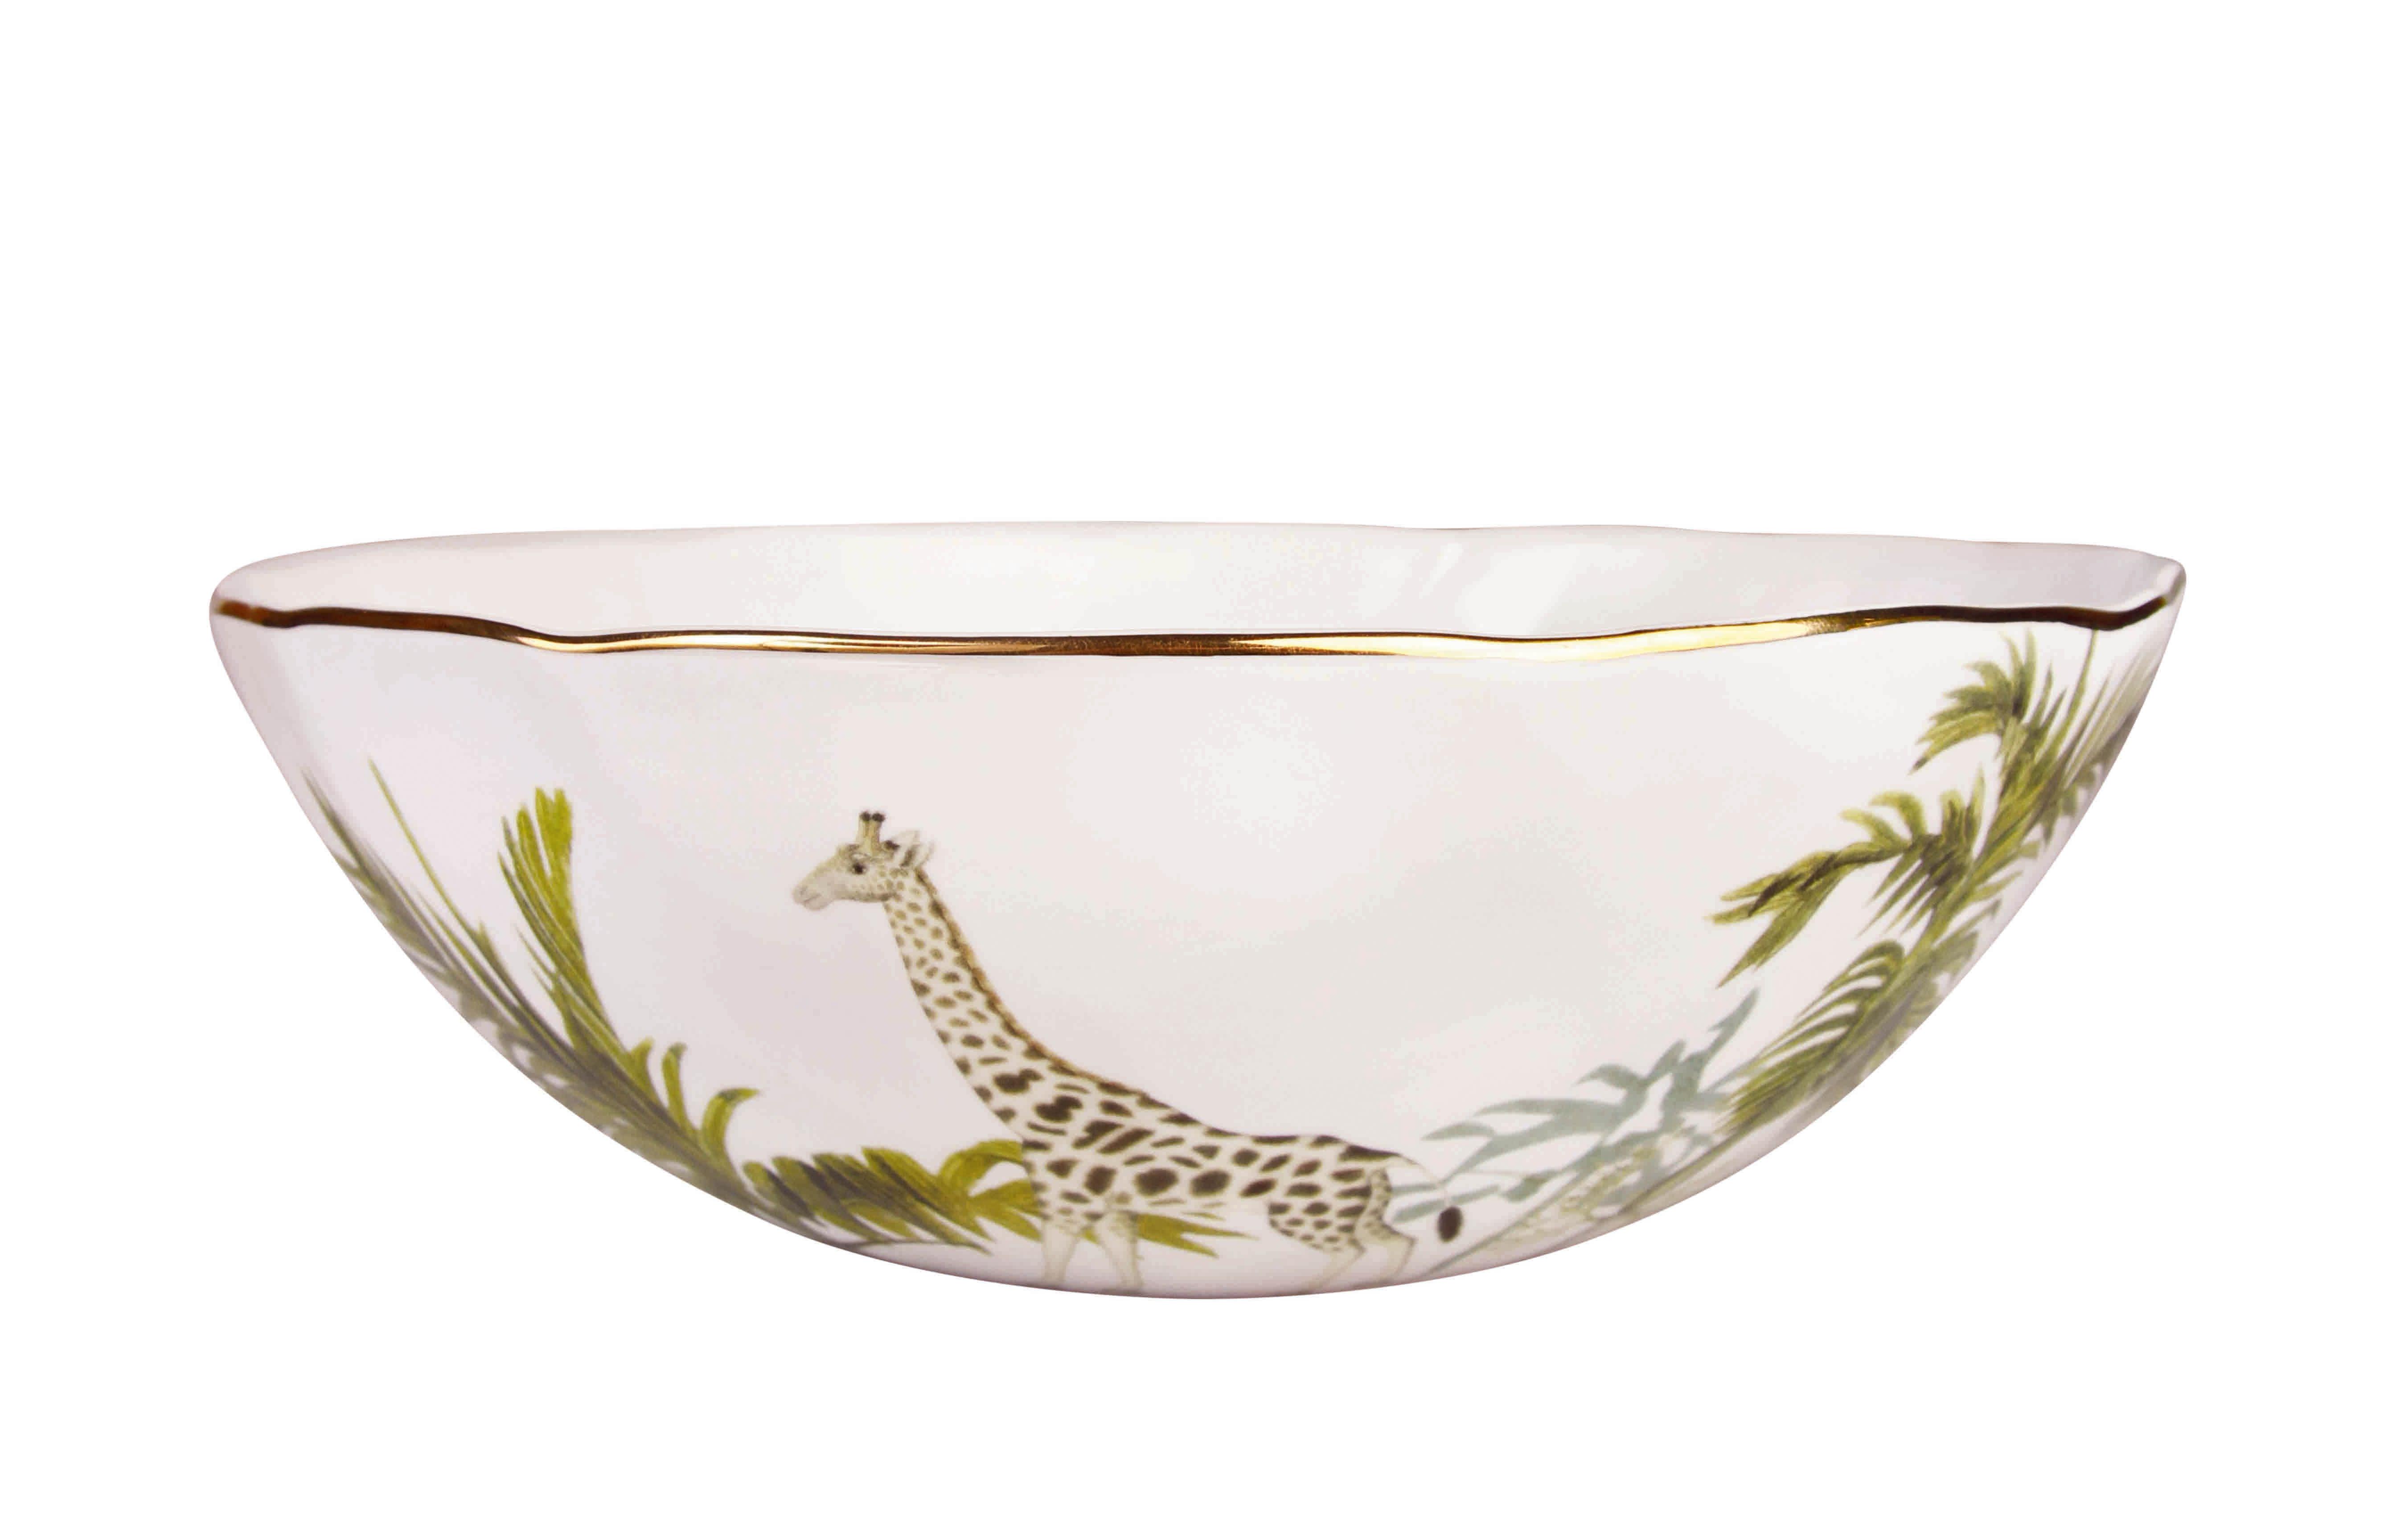 Arts de la table - Saladiers, coupes et bols - Saladier Jungle / Porcelaine - & klevering - Jungle / Multicolore - Porcelaine fine